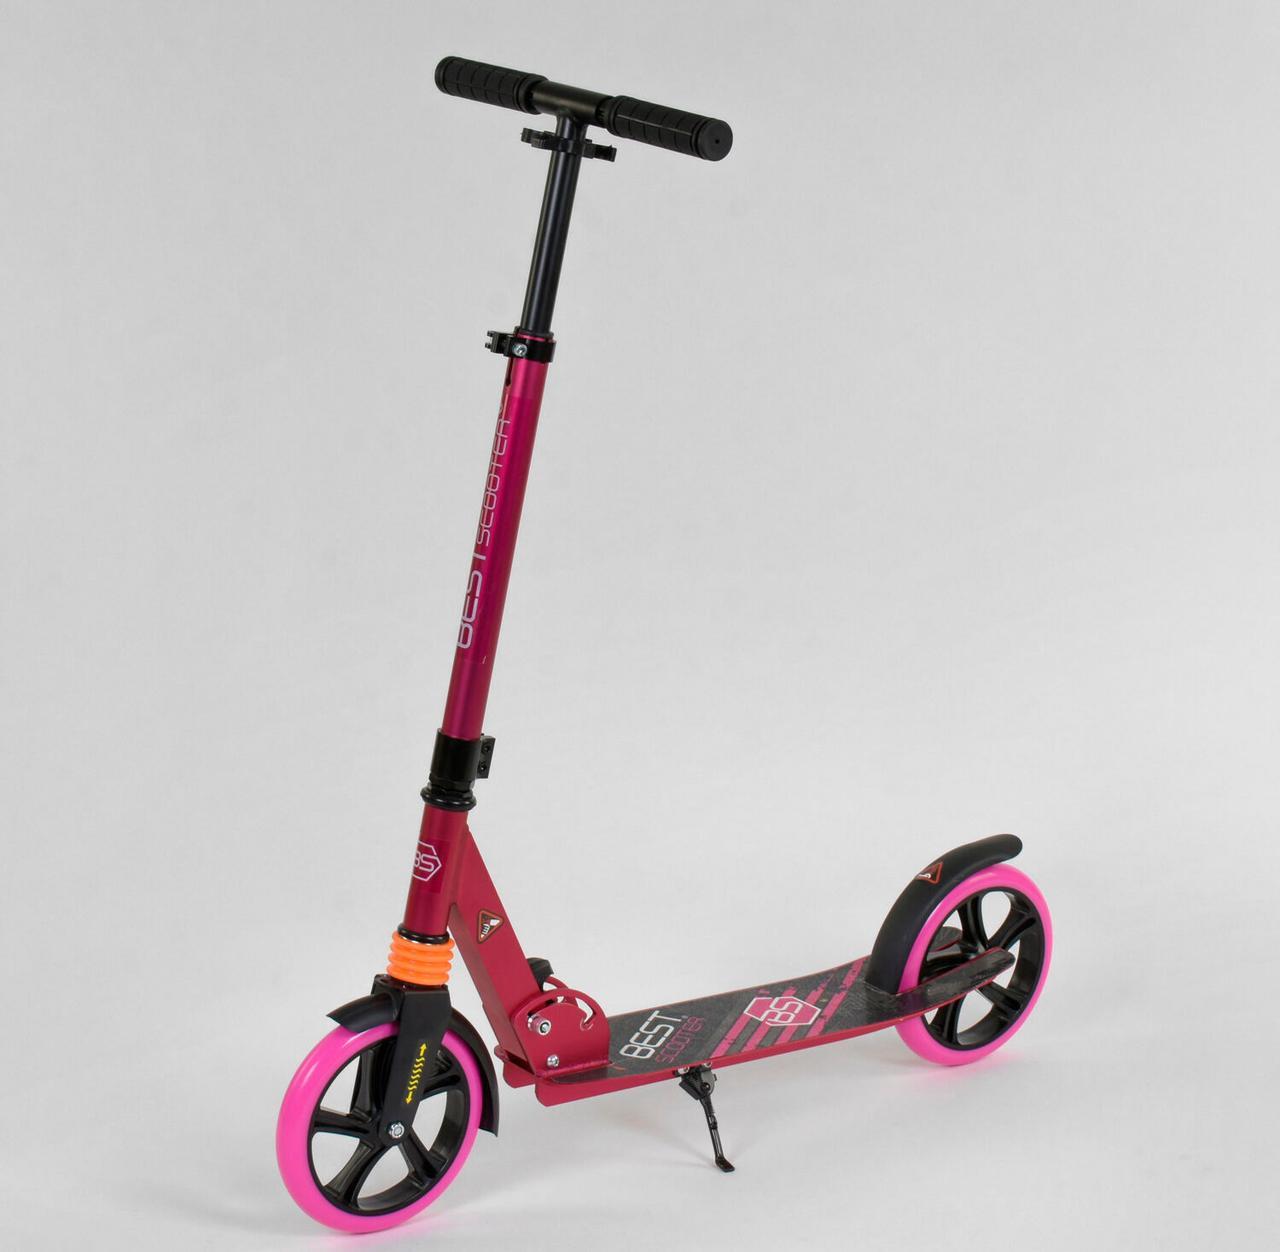 Двоколісний Самокат Best Scooter, Малиновий, кольорові колеса PU - 20 см, затиск керма, довжина дошки 53 см